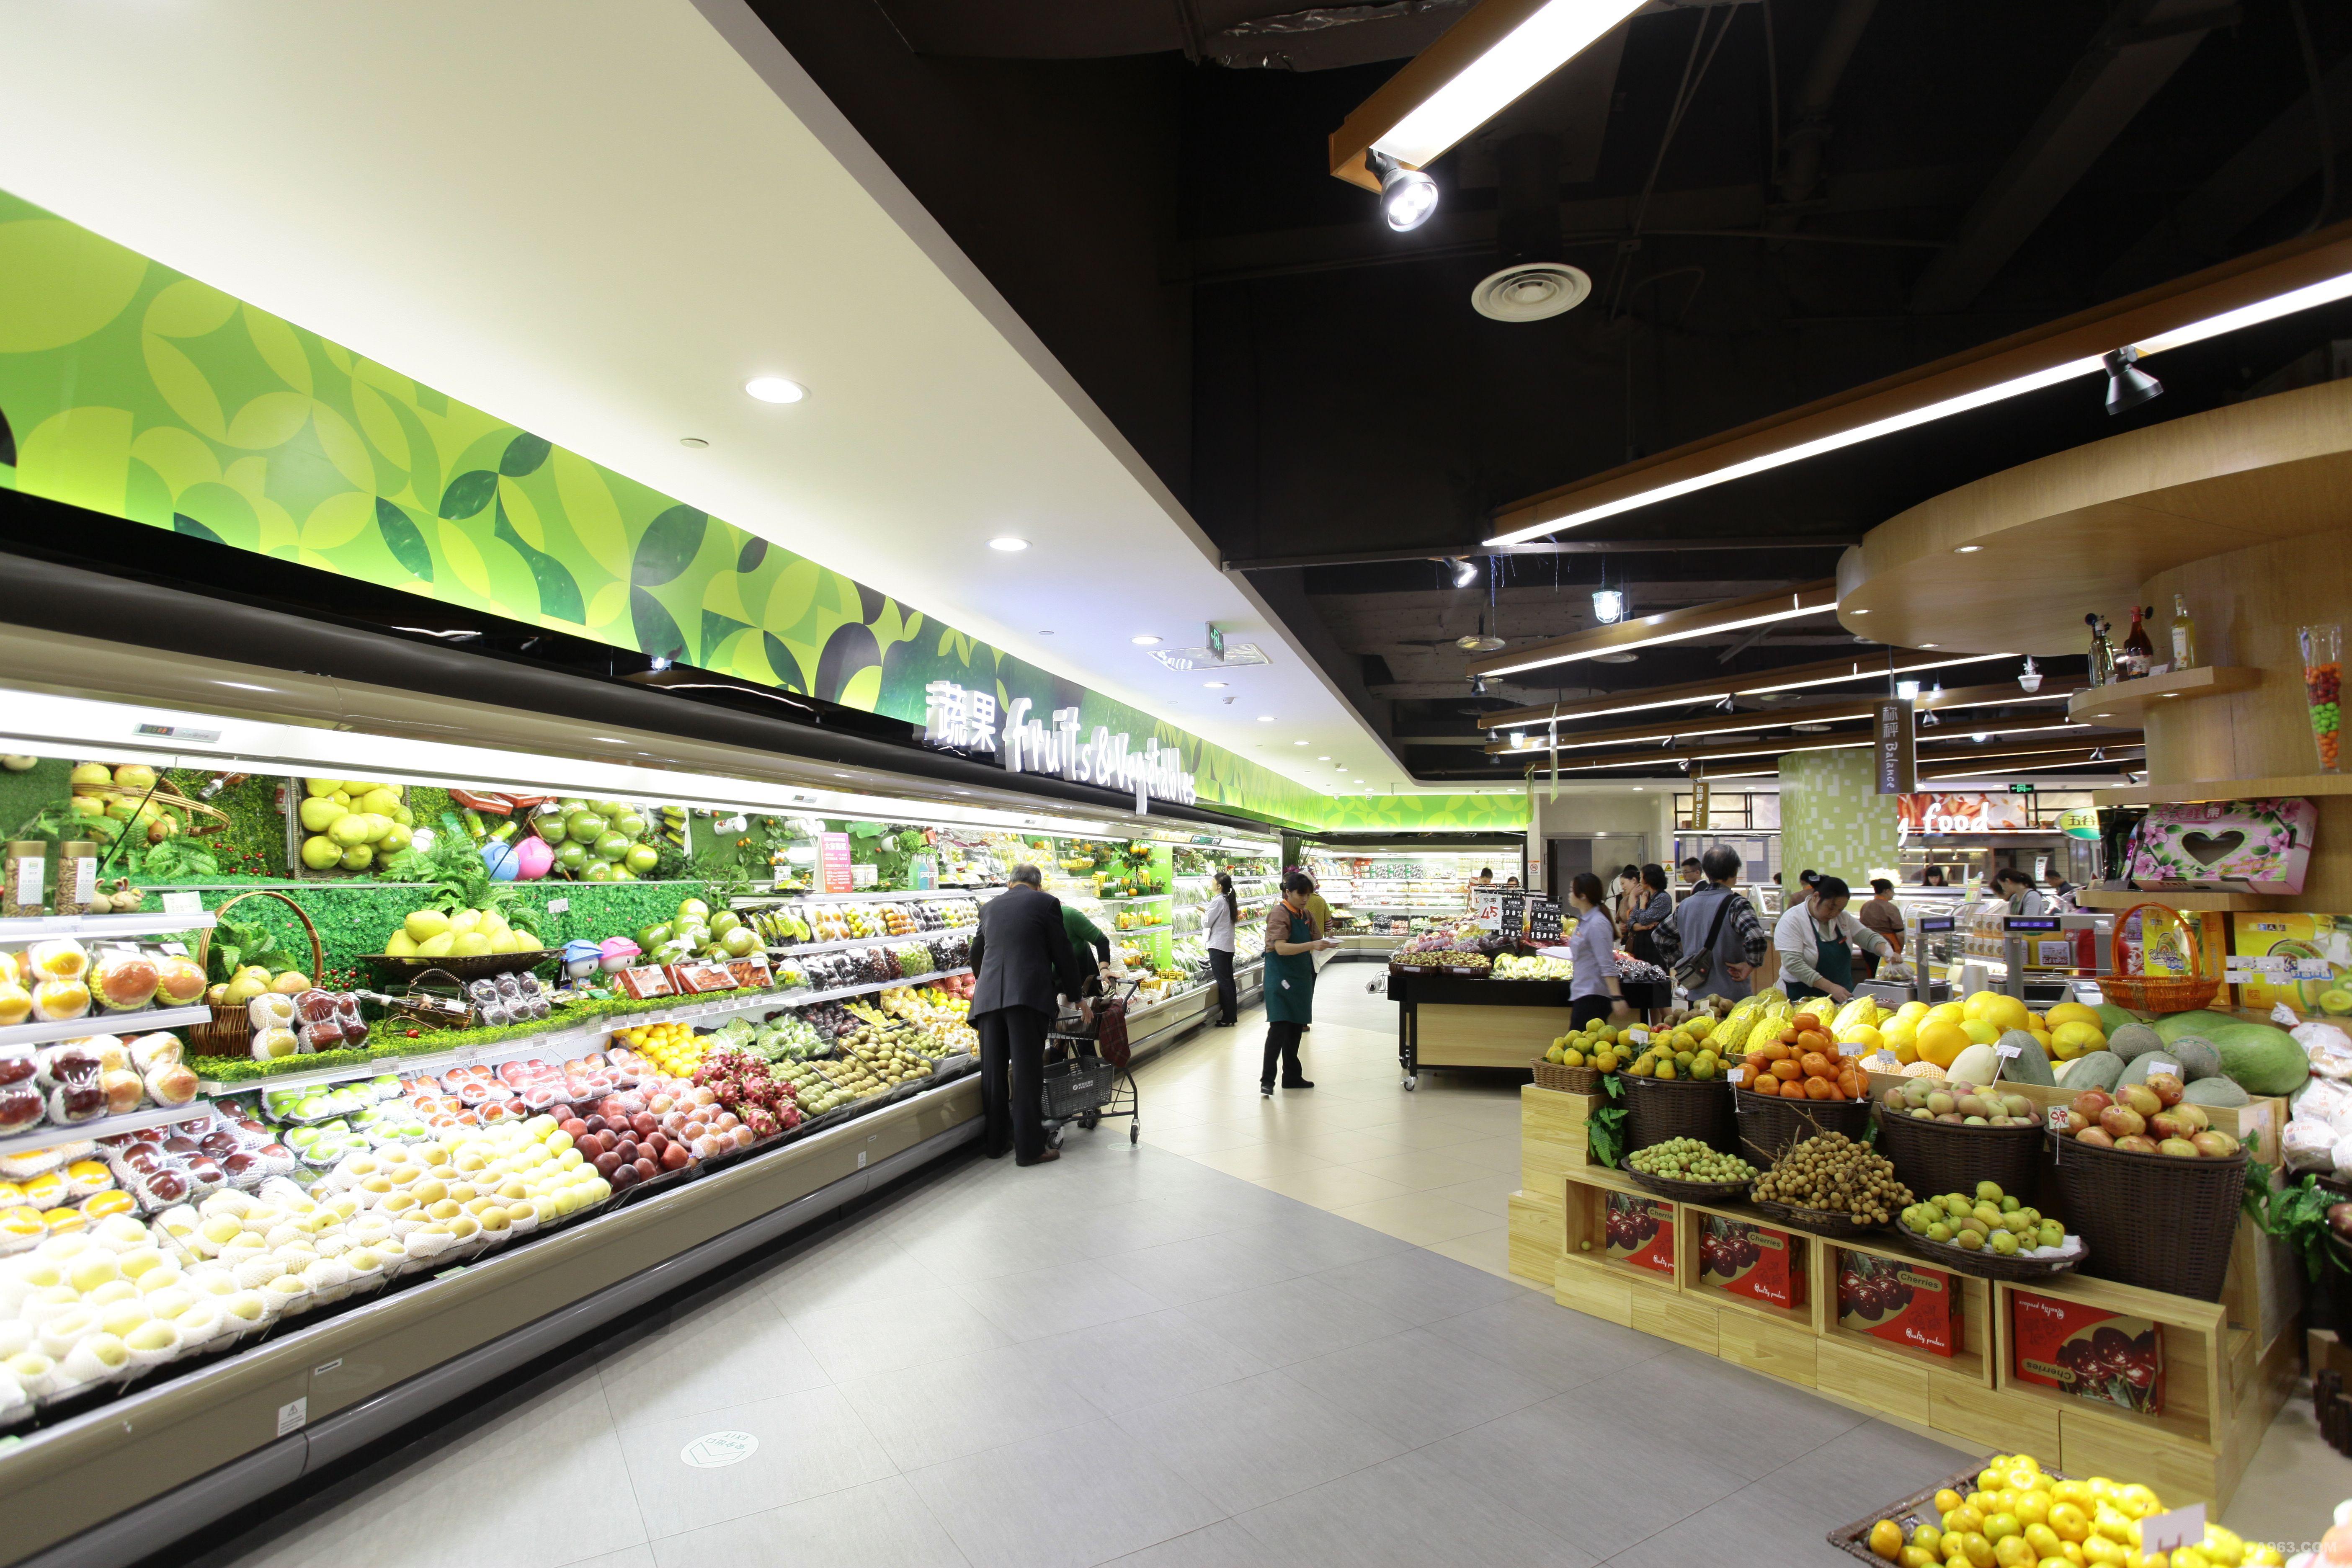 超市灯光设计图